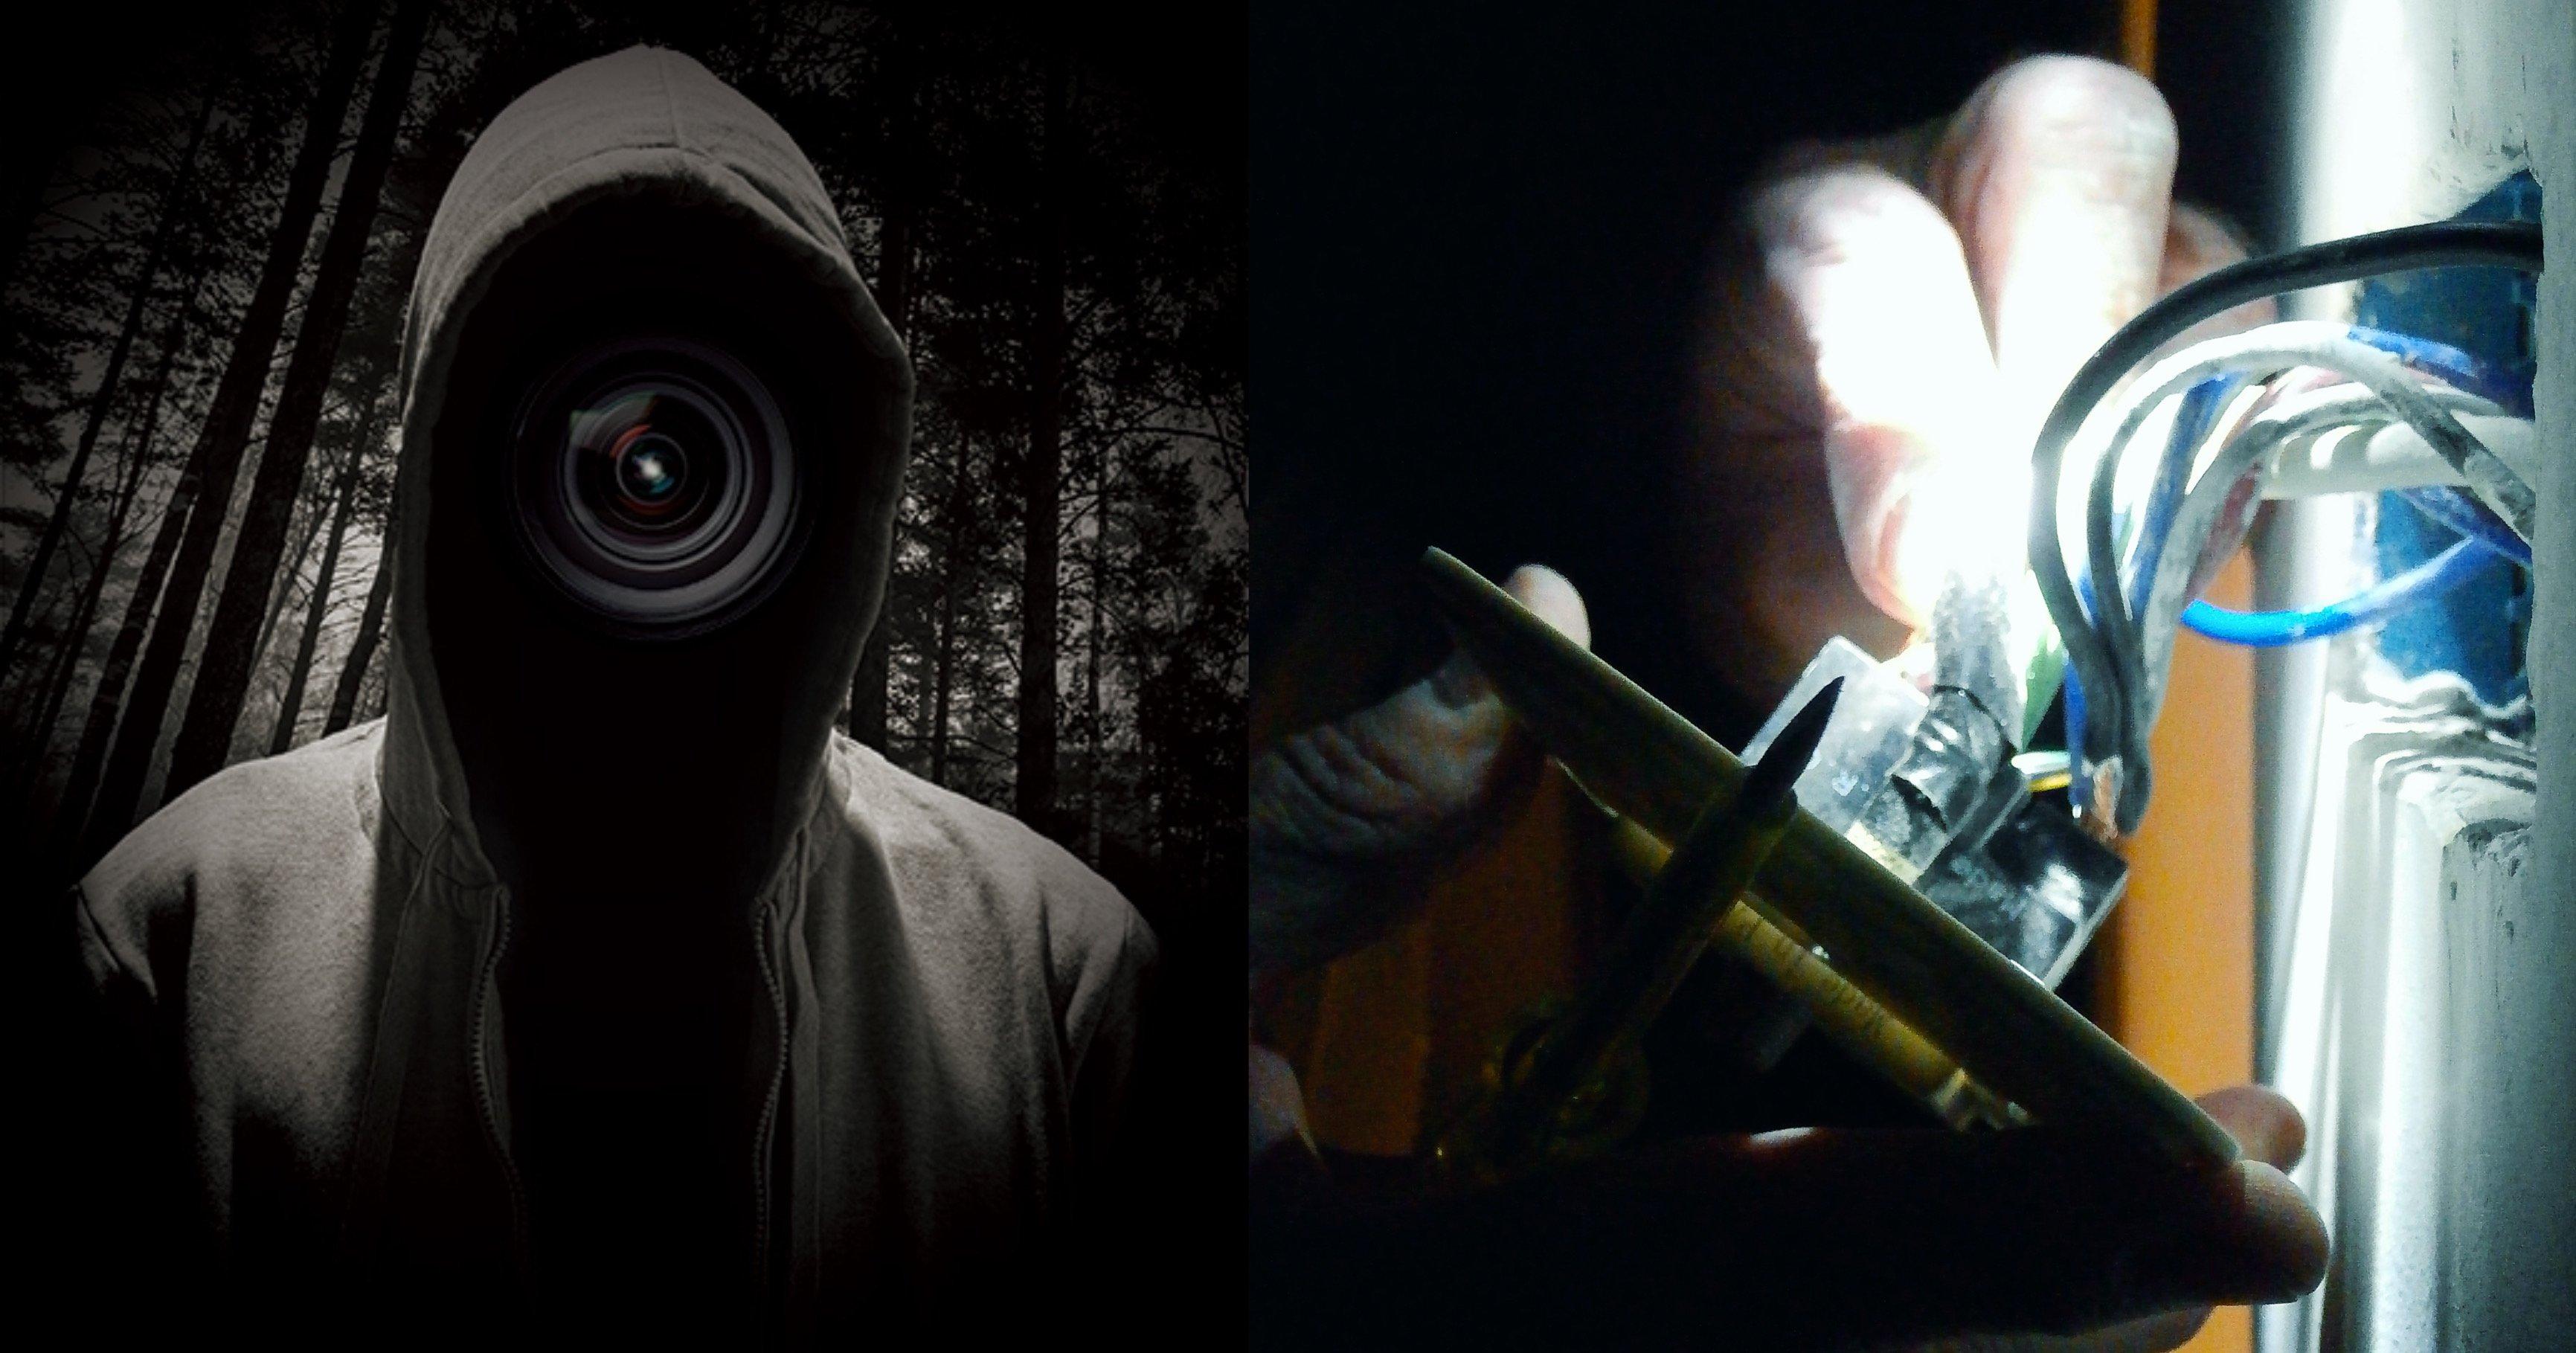 """ebaab0ecb9b4ec8db8eb84a4ec9dbc.jpg?resize=412,275 - """"몰.카안에 3천개의 영상이....""""....자취방 에어컨 콘센트 구멍에서 발견된 몰래카메라"""